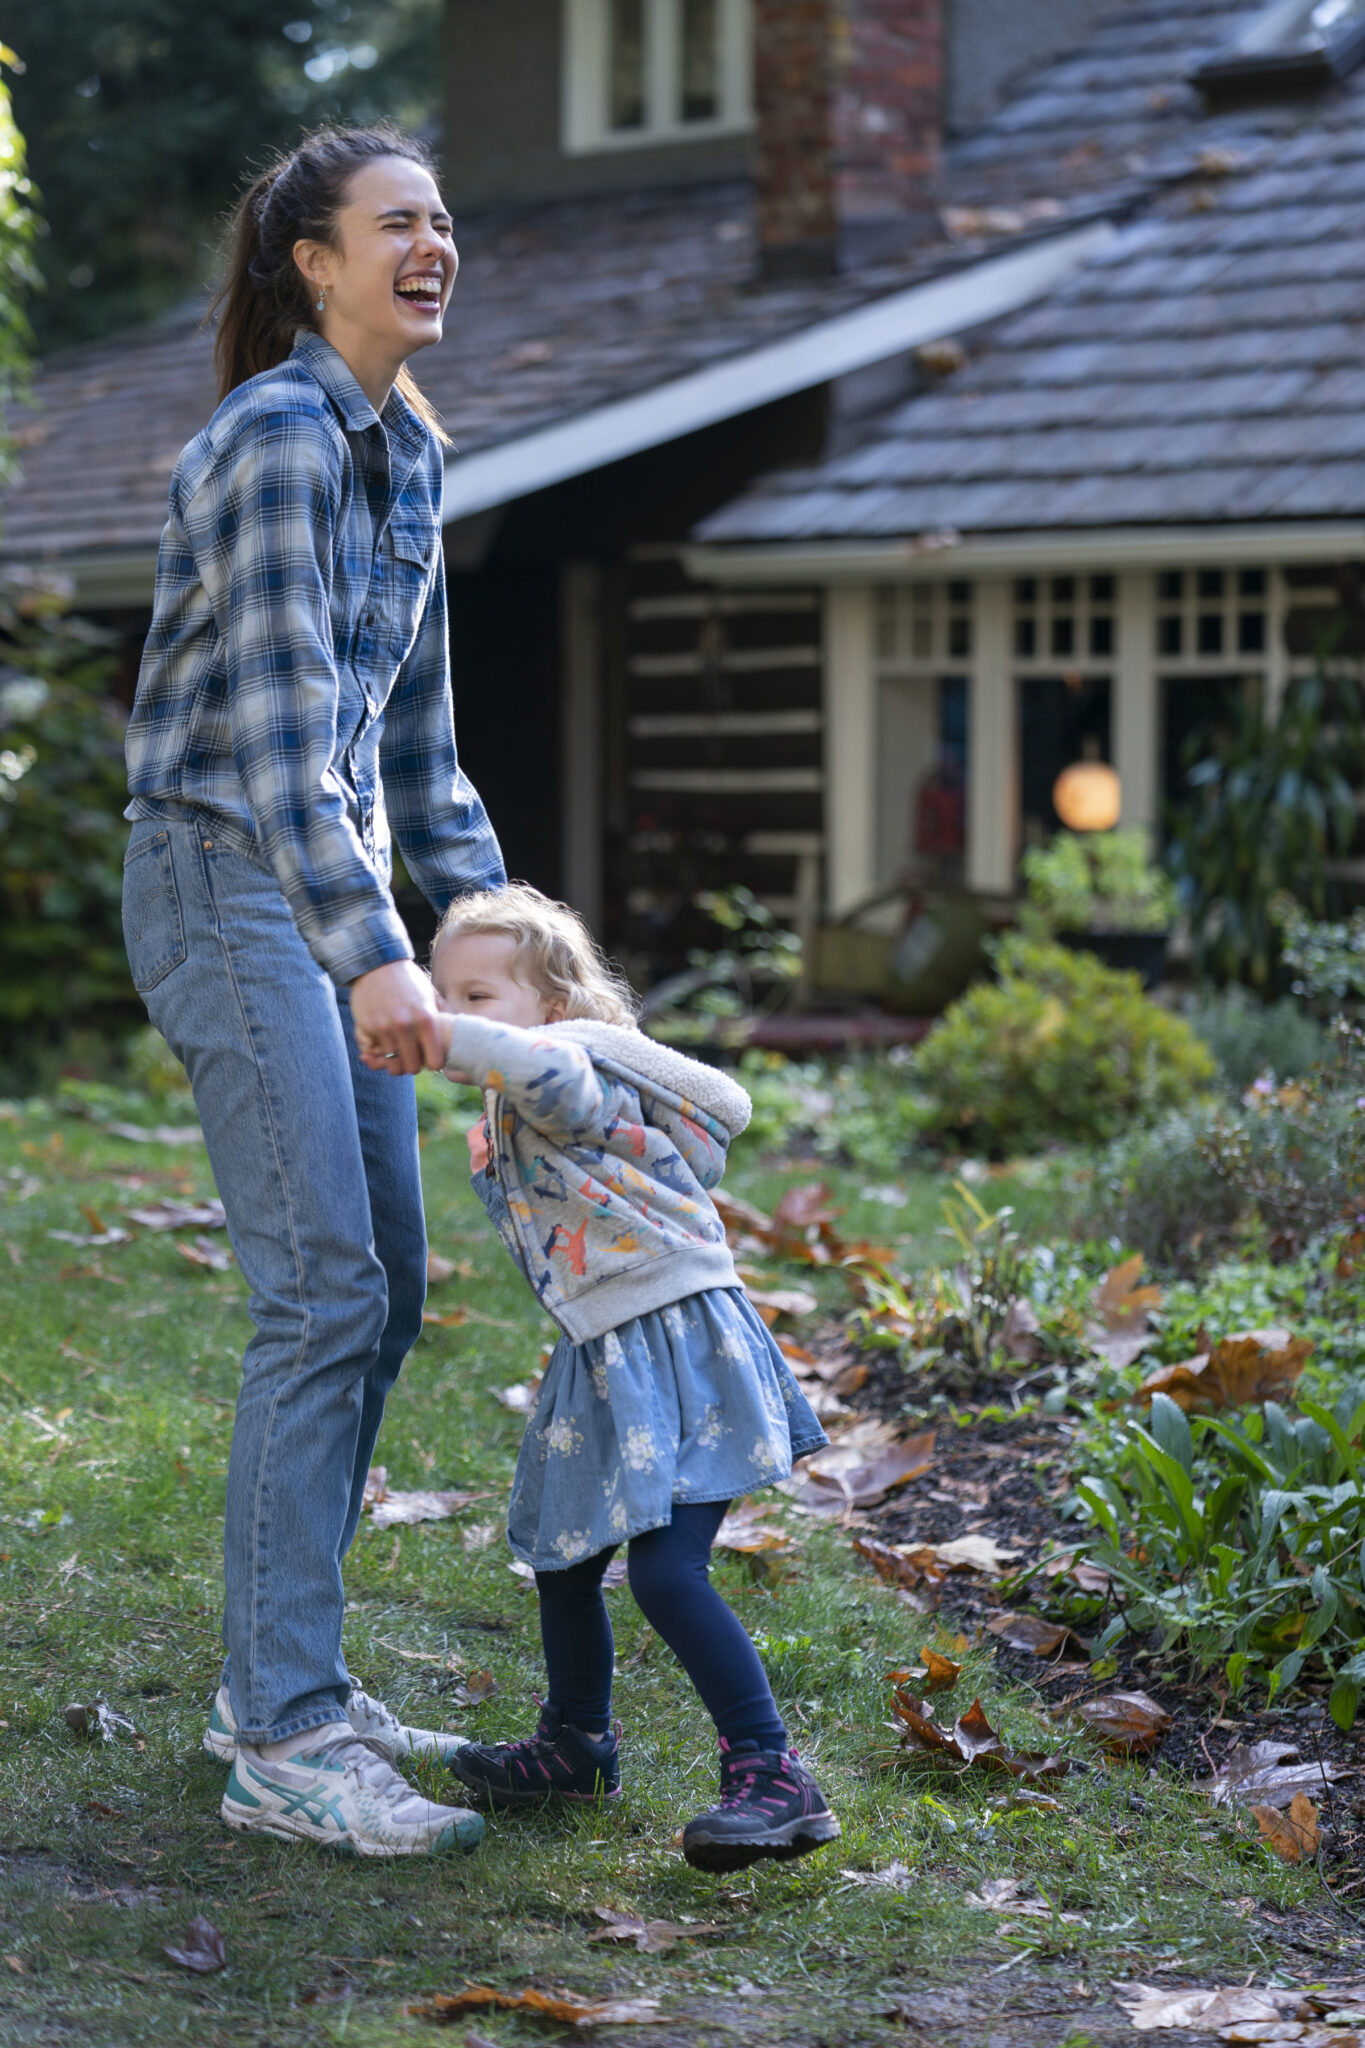 Margaret Qualley in Jeans und Karohemd mit lachendem Gesicht mit einem kleinen Mädchen Hand in Hand vor einem Haus im Garten.